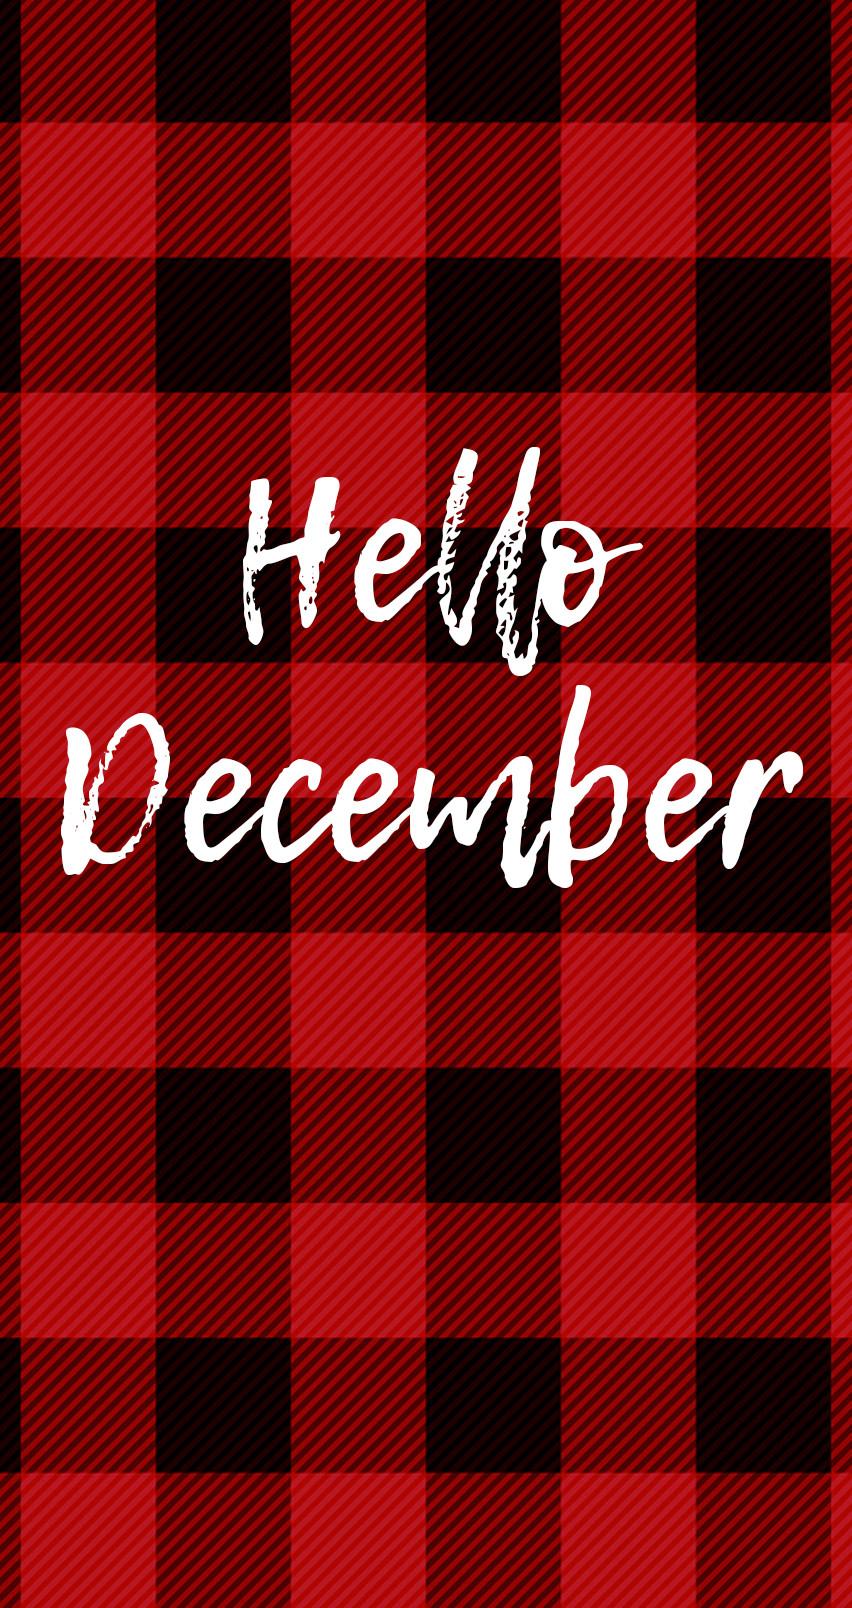 iphone hello december wallpapers - cassandra ann - cassandra ann phone  backgrounds - christmas phone backgrounds - christmas wallpapers - plaid wallpaper